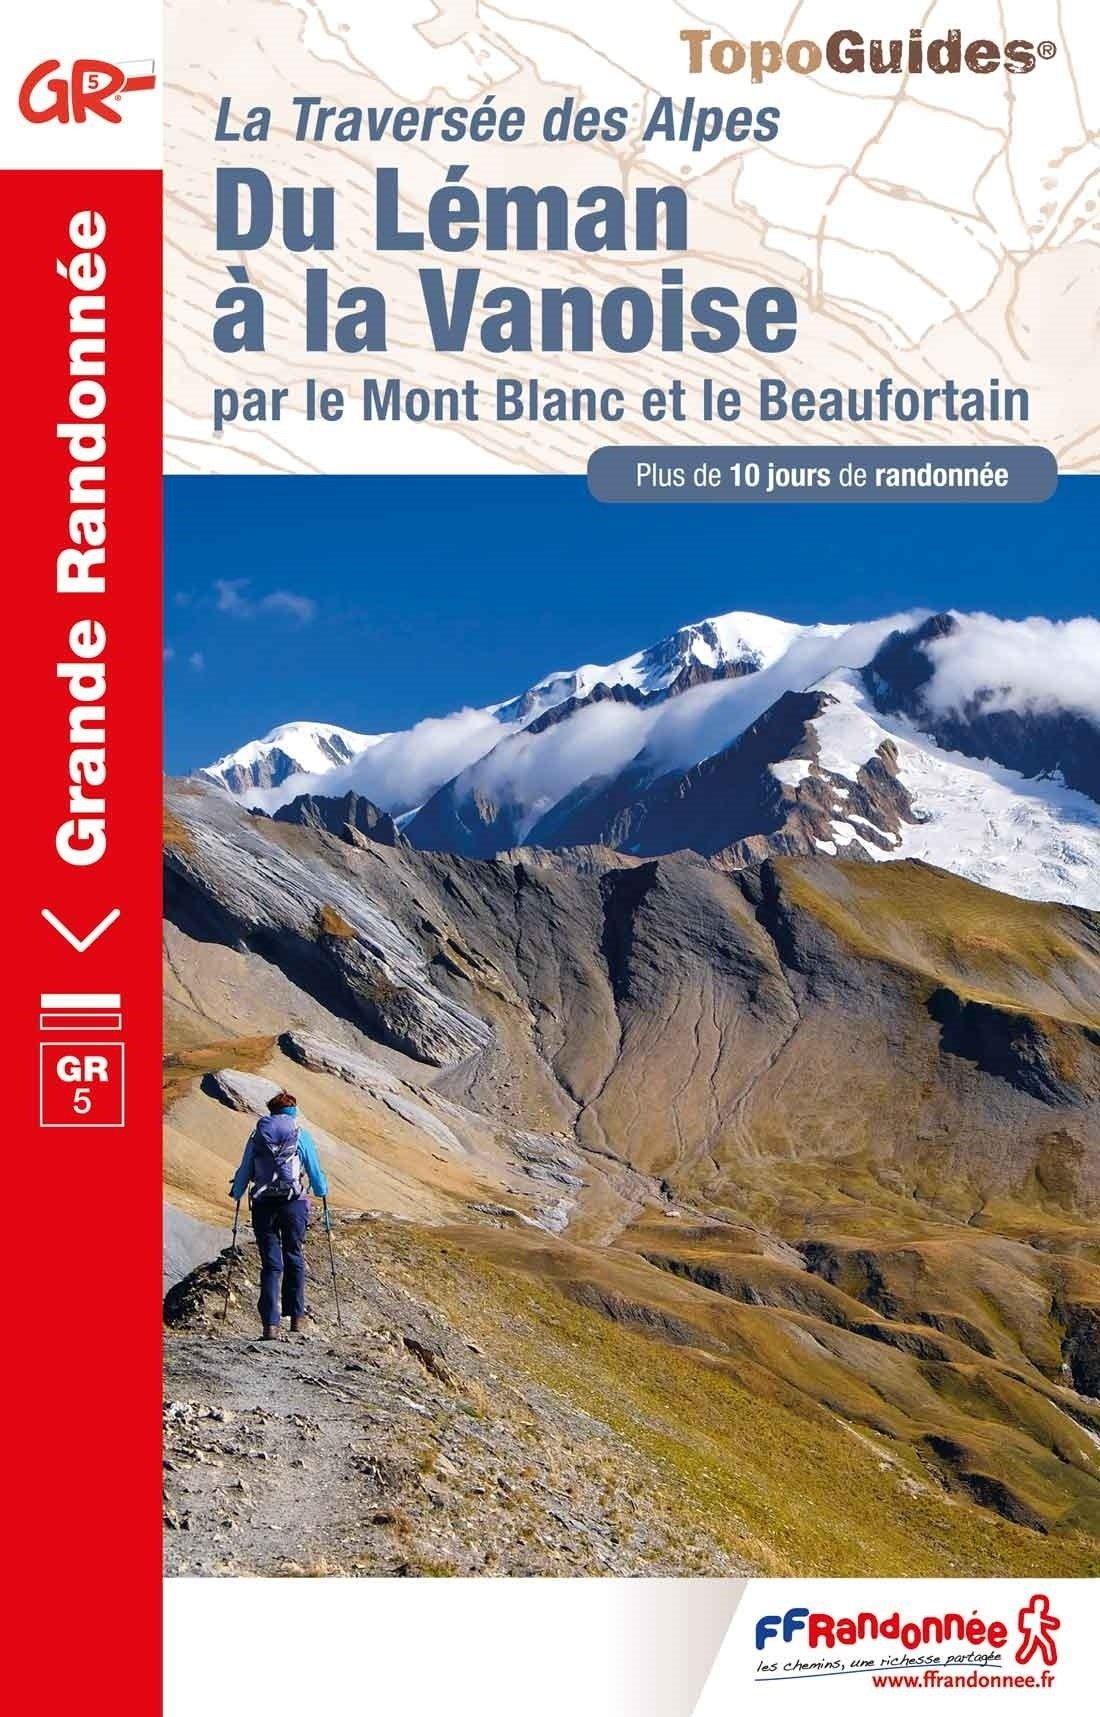 GR-5 | TG504  Du Léman à la Vanoise | wandelgids GR5 9782751403088  FFRP Topoguides  Meerdaagse wandelroutes, Wandelgidsen Haute Savoie, Mont Blanc